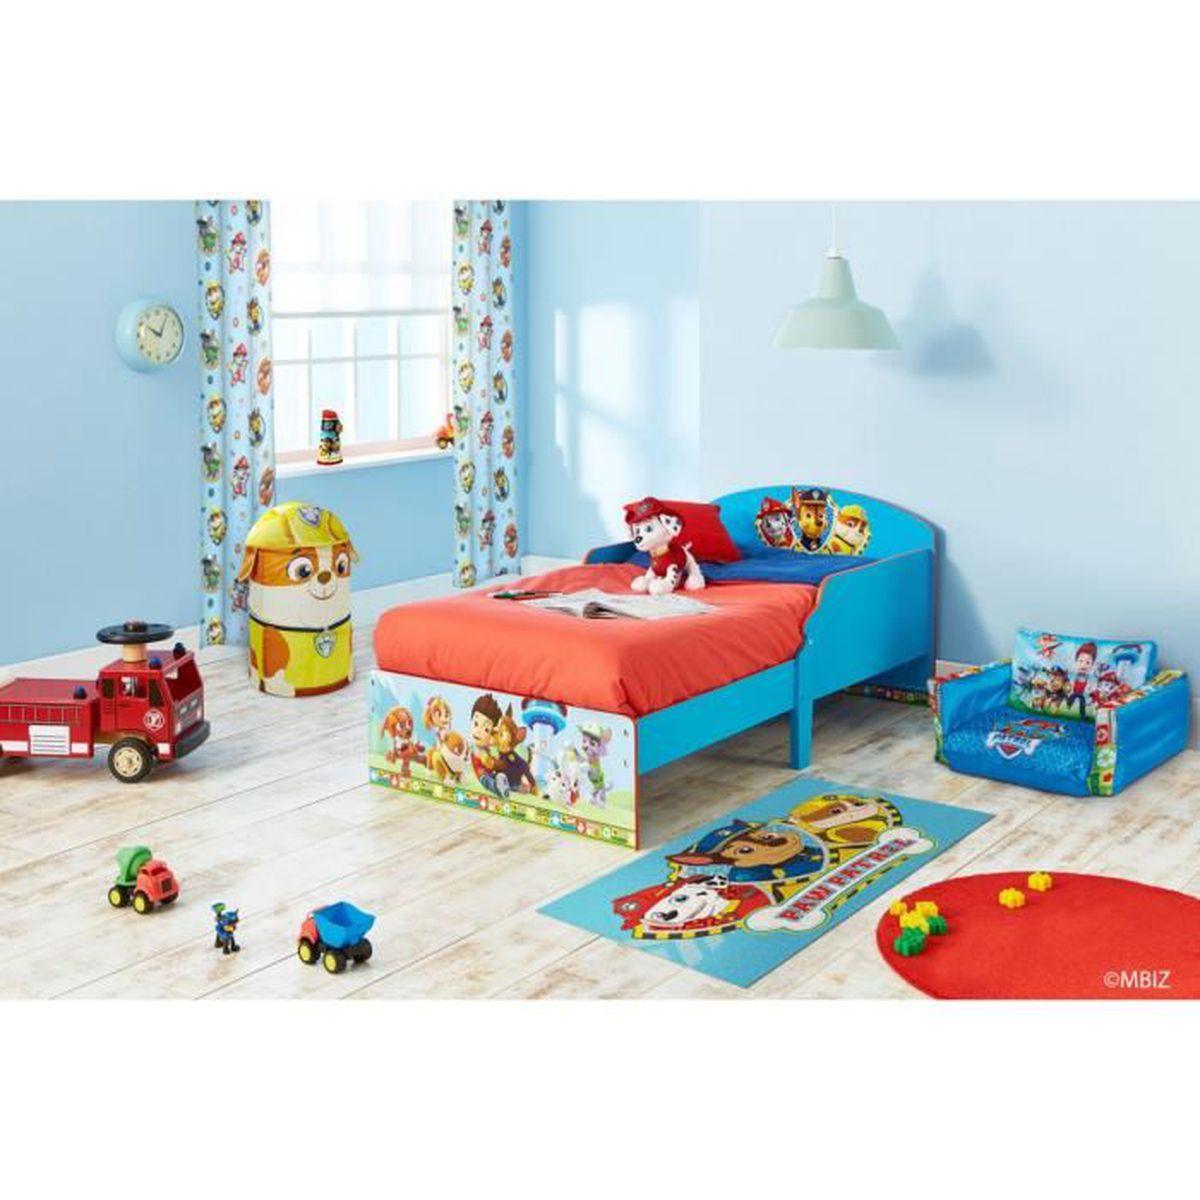 Chambre enfant pat patrouille 70x140 bleu achat for Achat chambre enfant